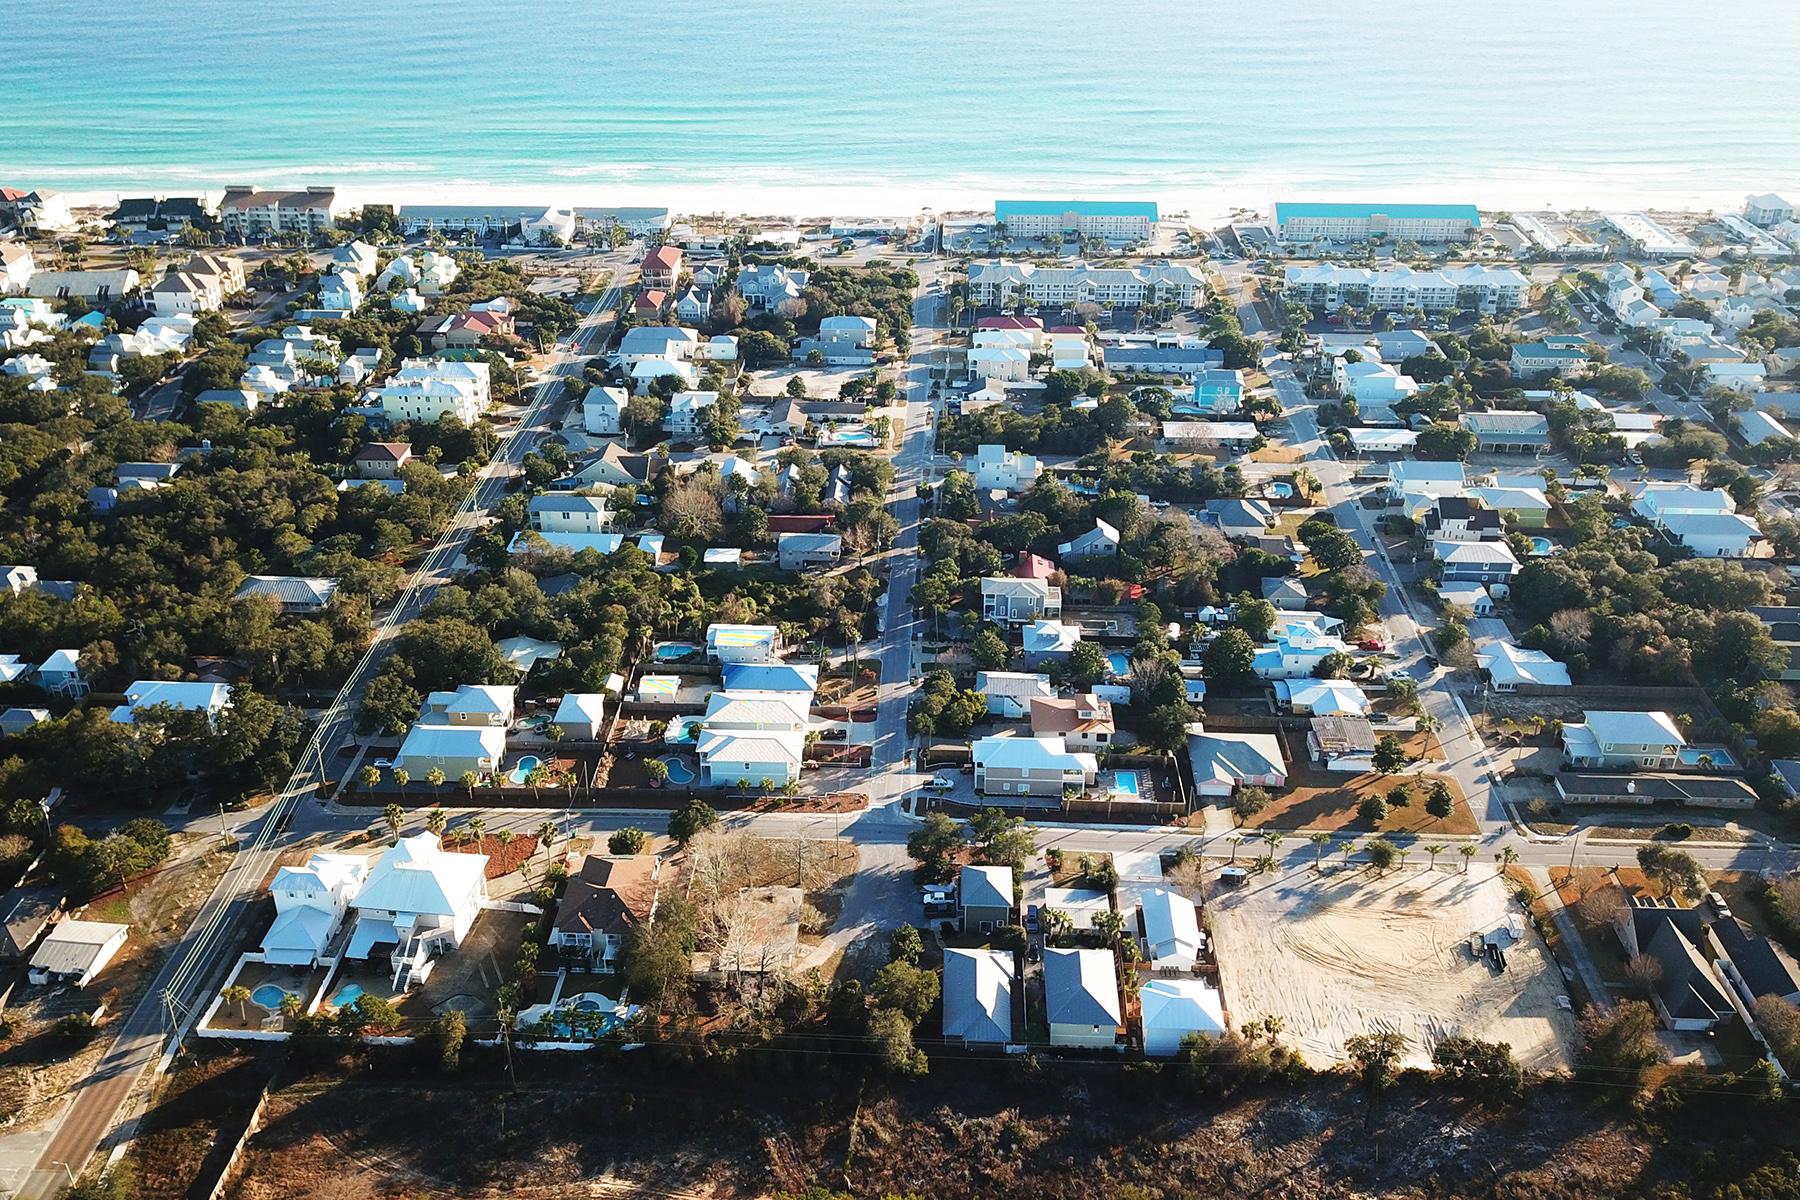 Частный односемейный дом для того Продажа на Largest Single Lot Available in Crystal Beach 4575 Luke Avenue, Destin, Флорида, 32541 Соединенные Штаты